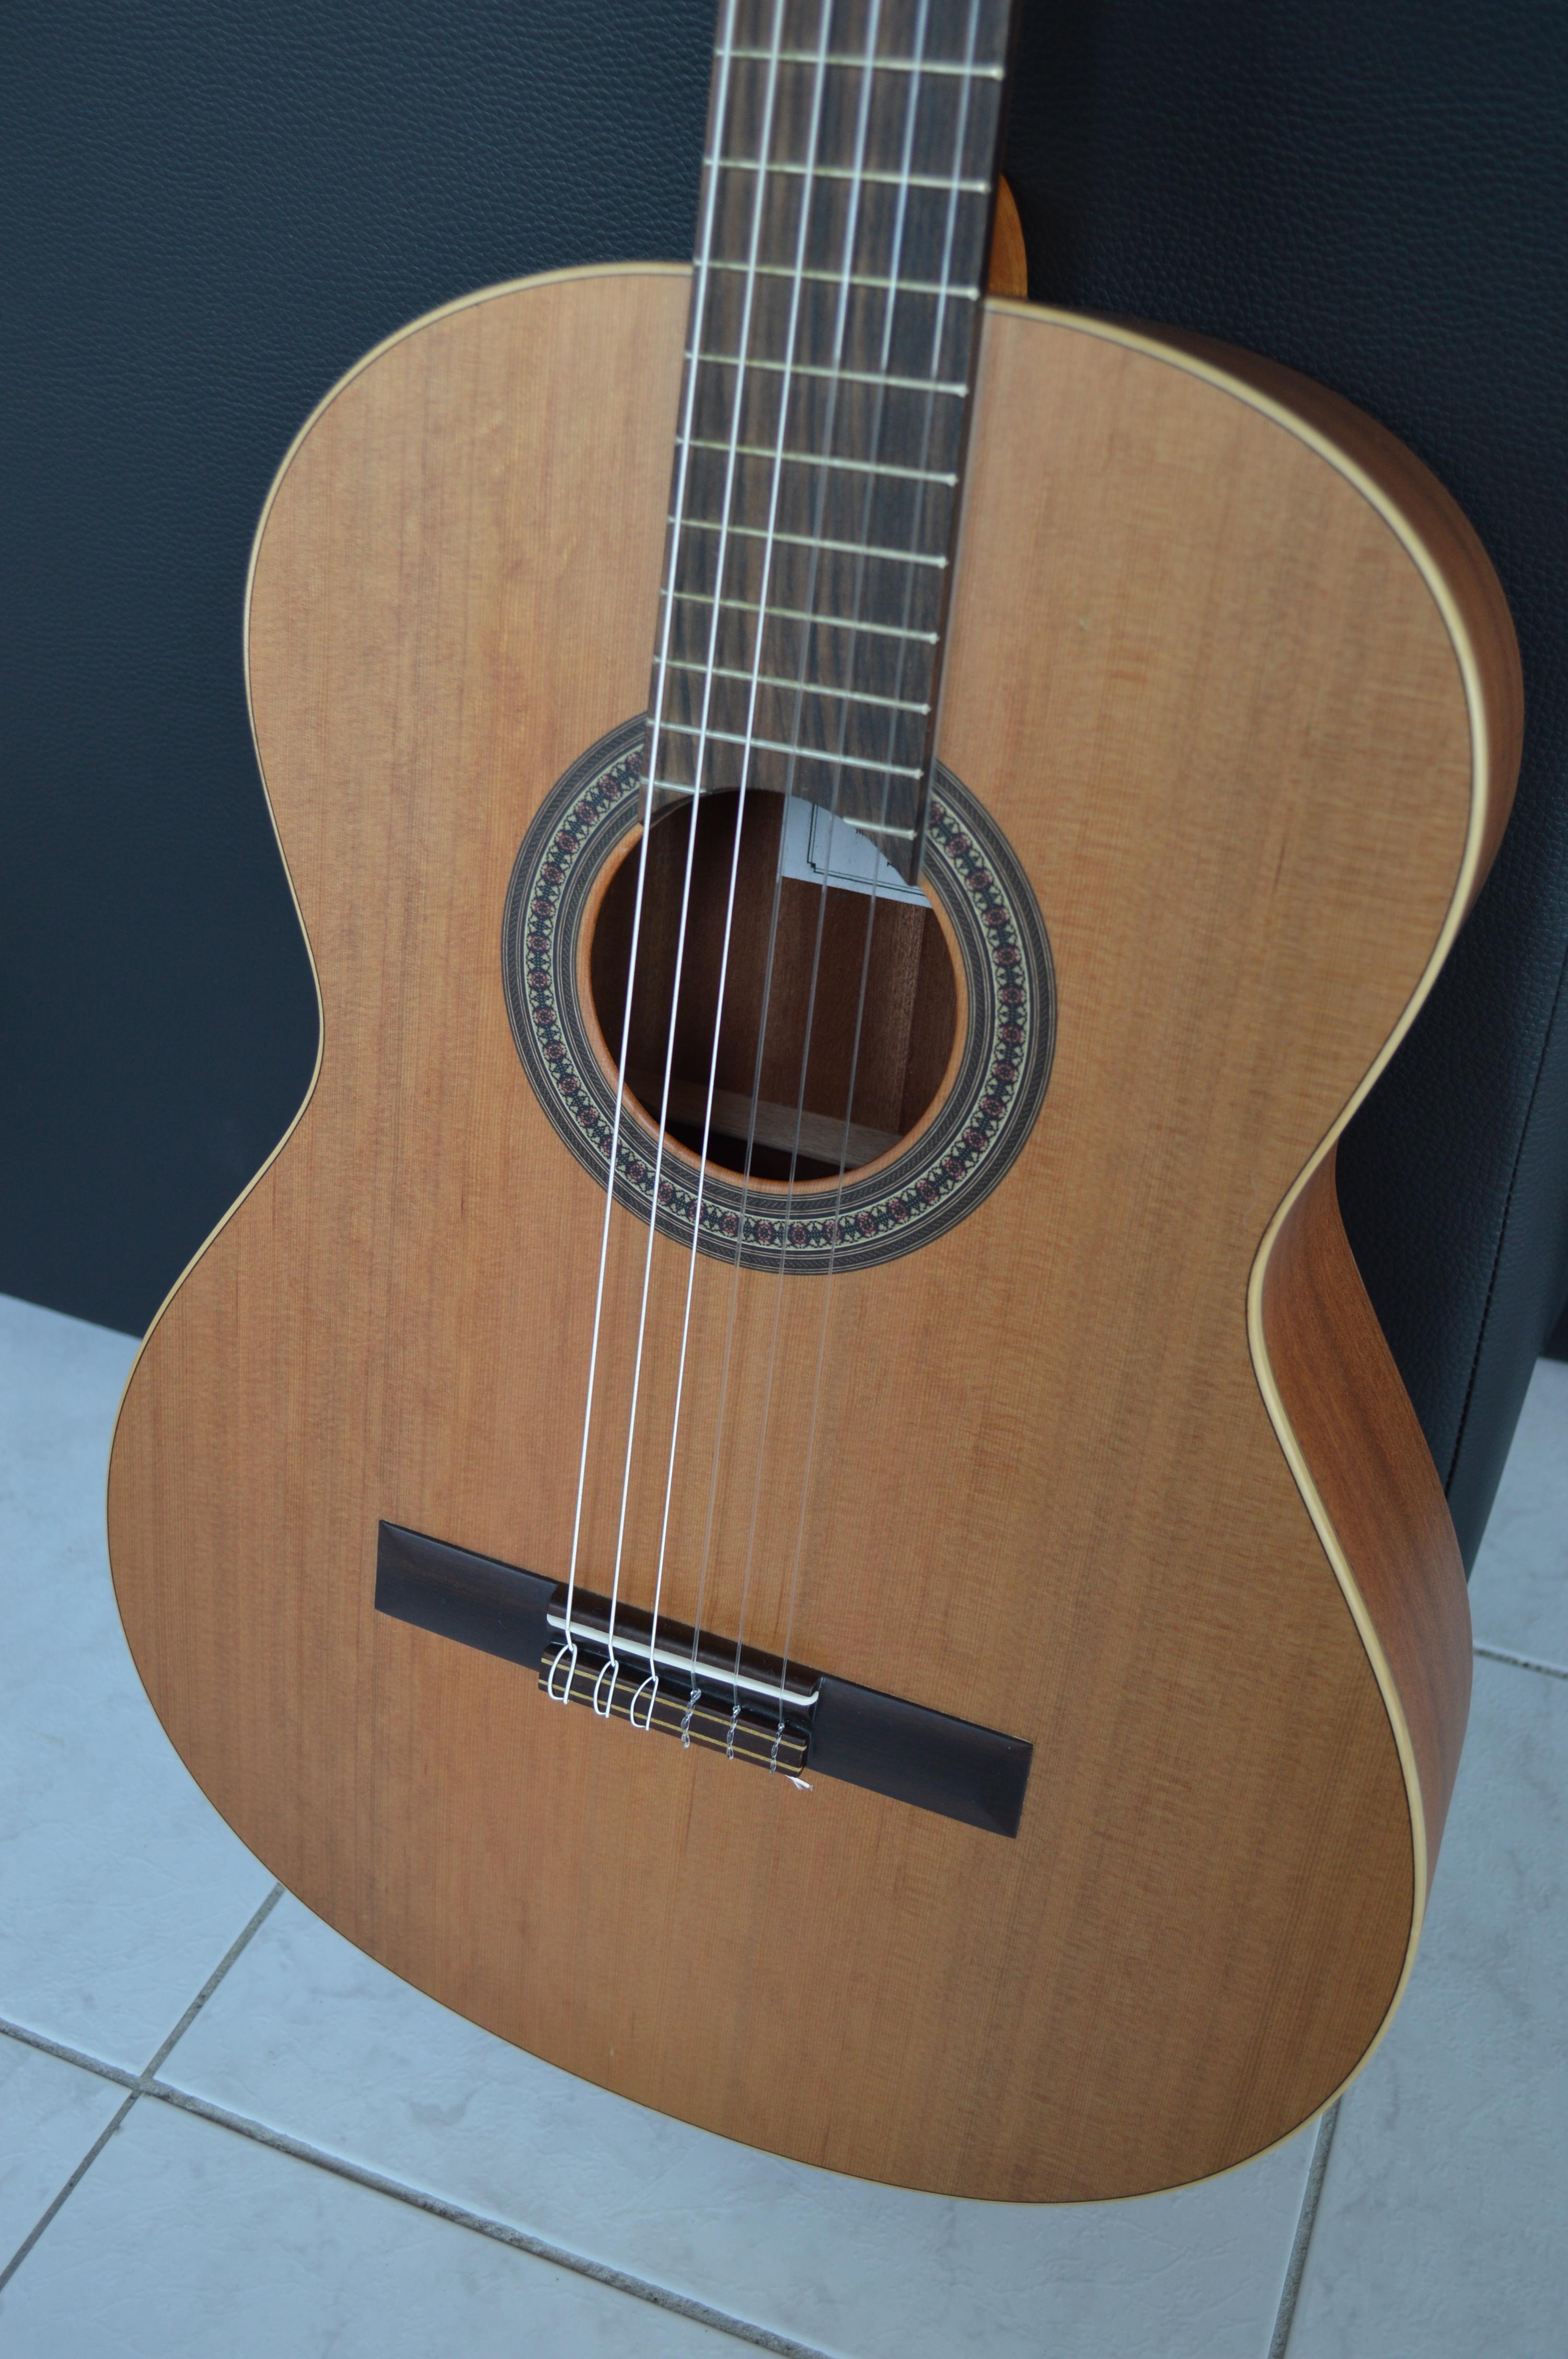 guitare classique jm forest